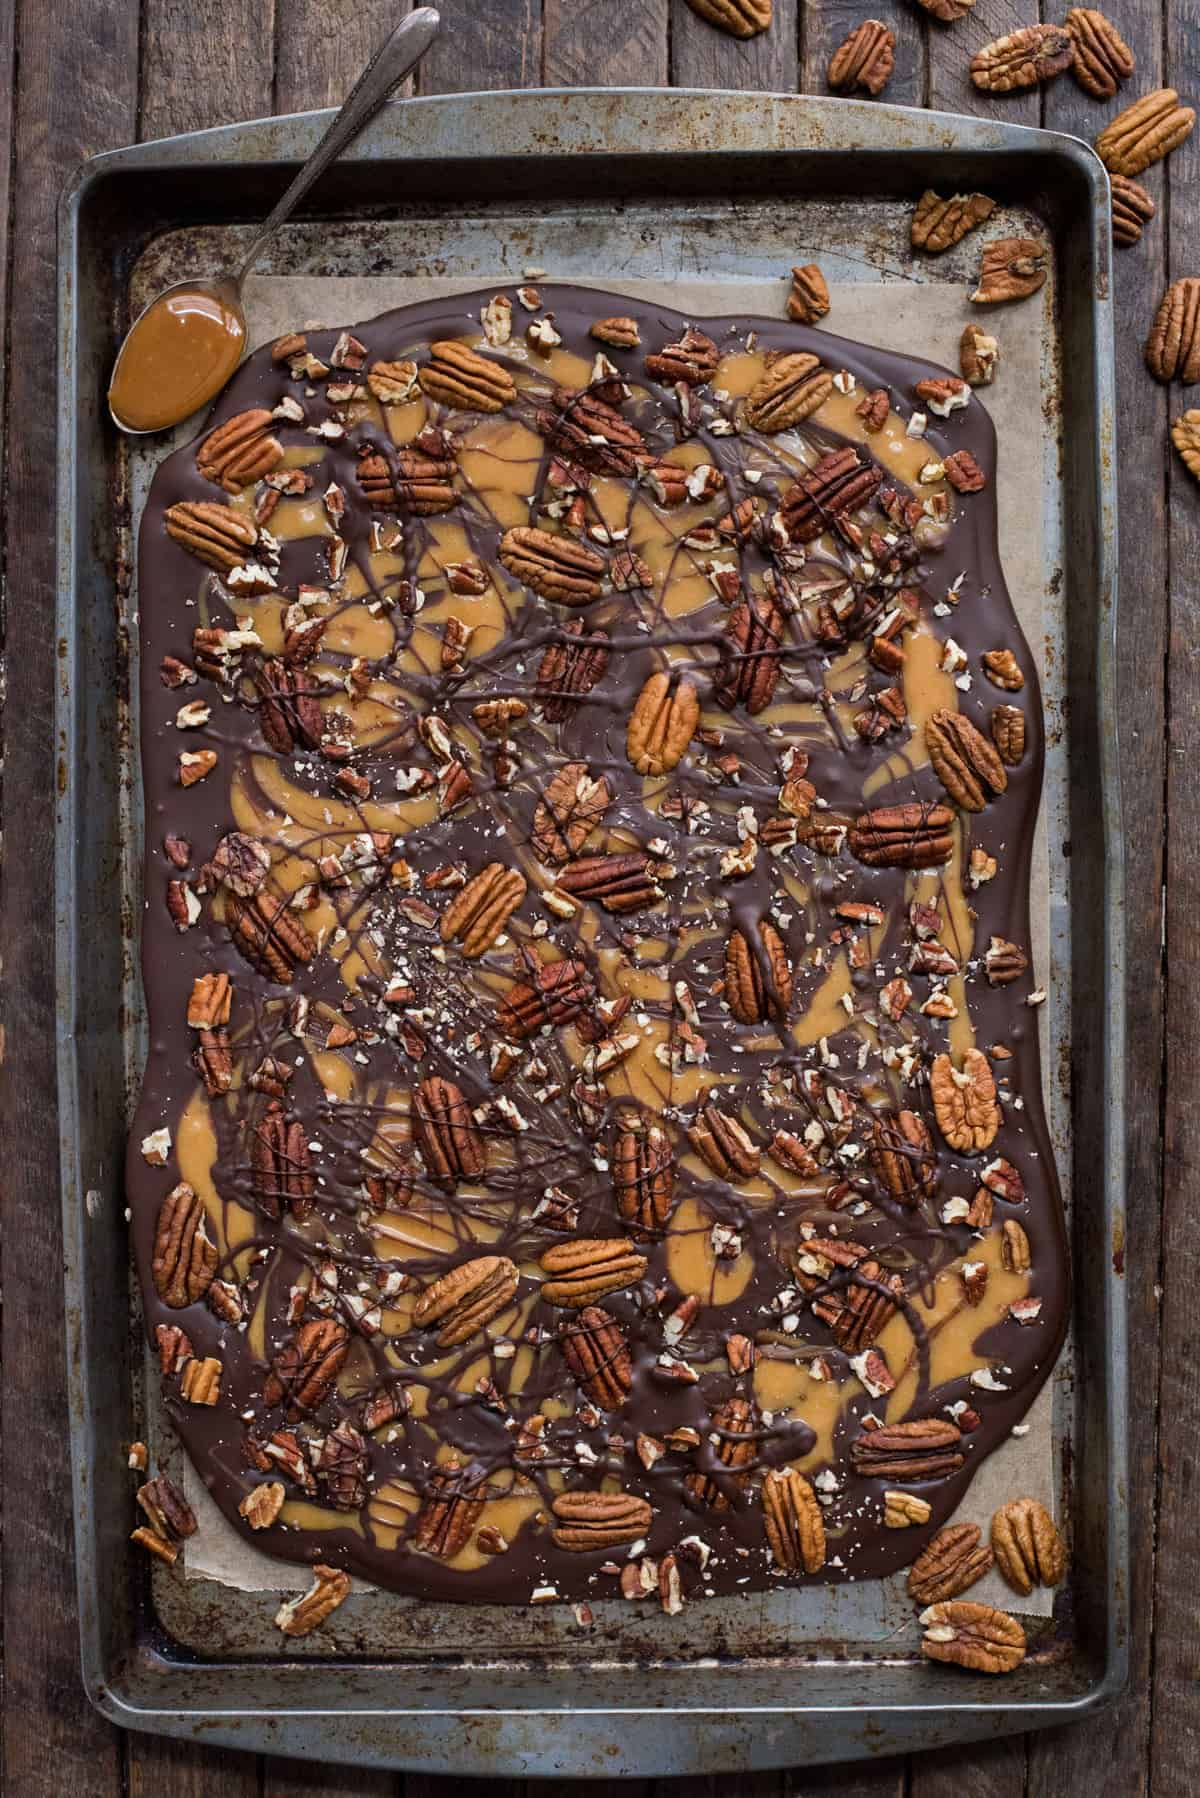 chocolate caramel pecan turtle bark slab on metal baking sheet